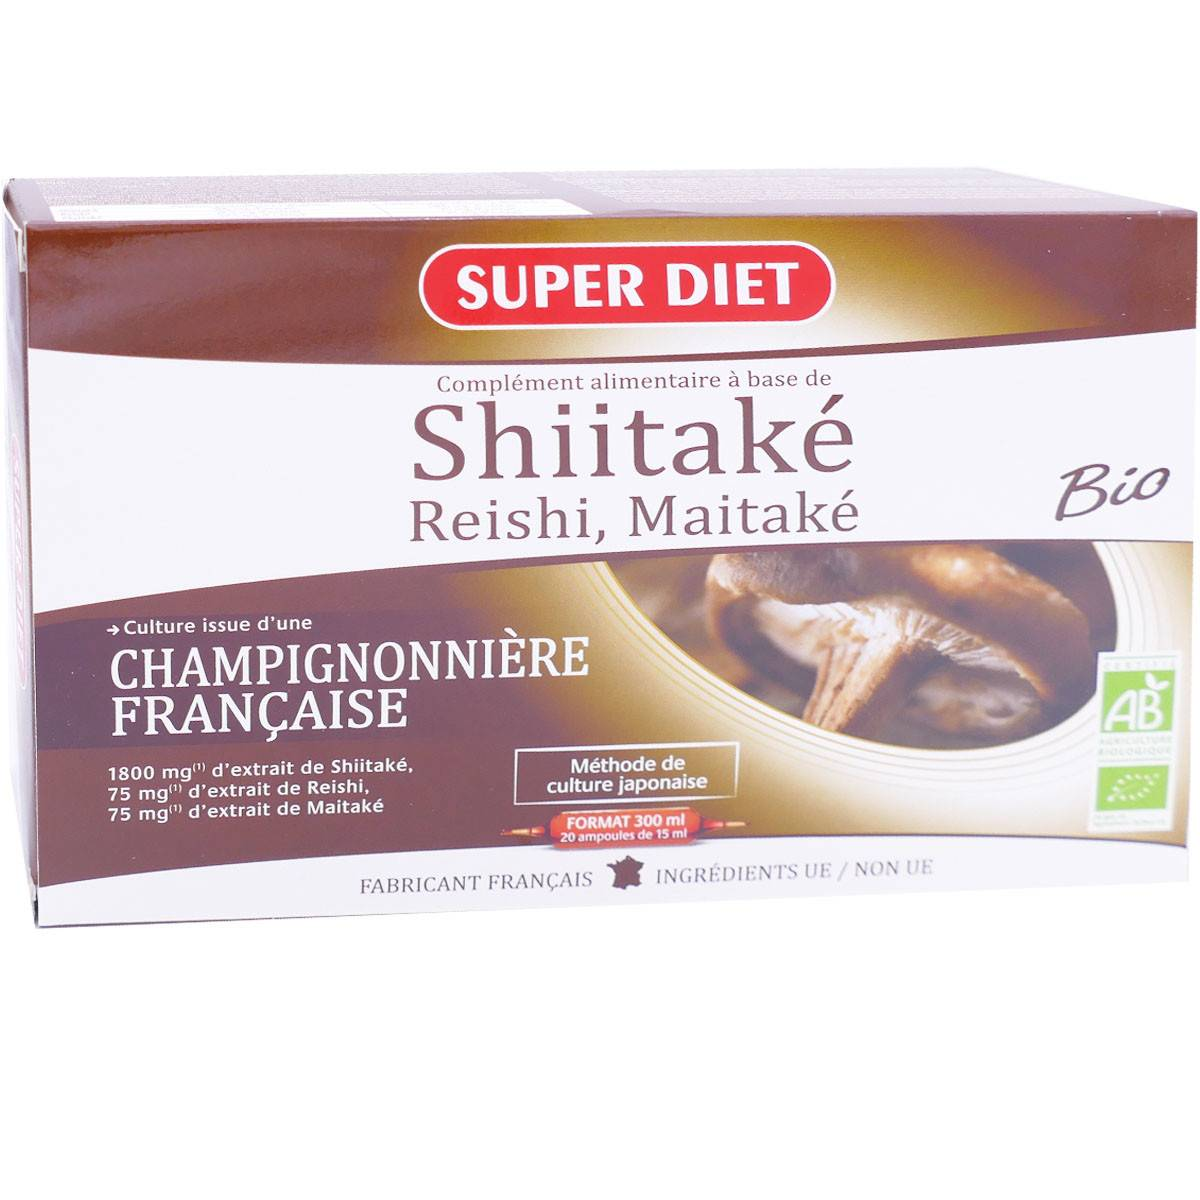 Super diet shiitake 20 ampoules 15ml bio